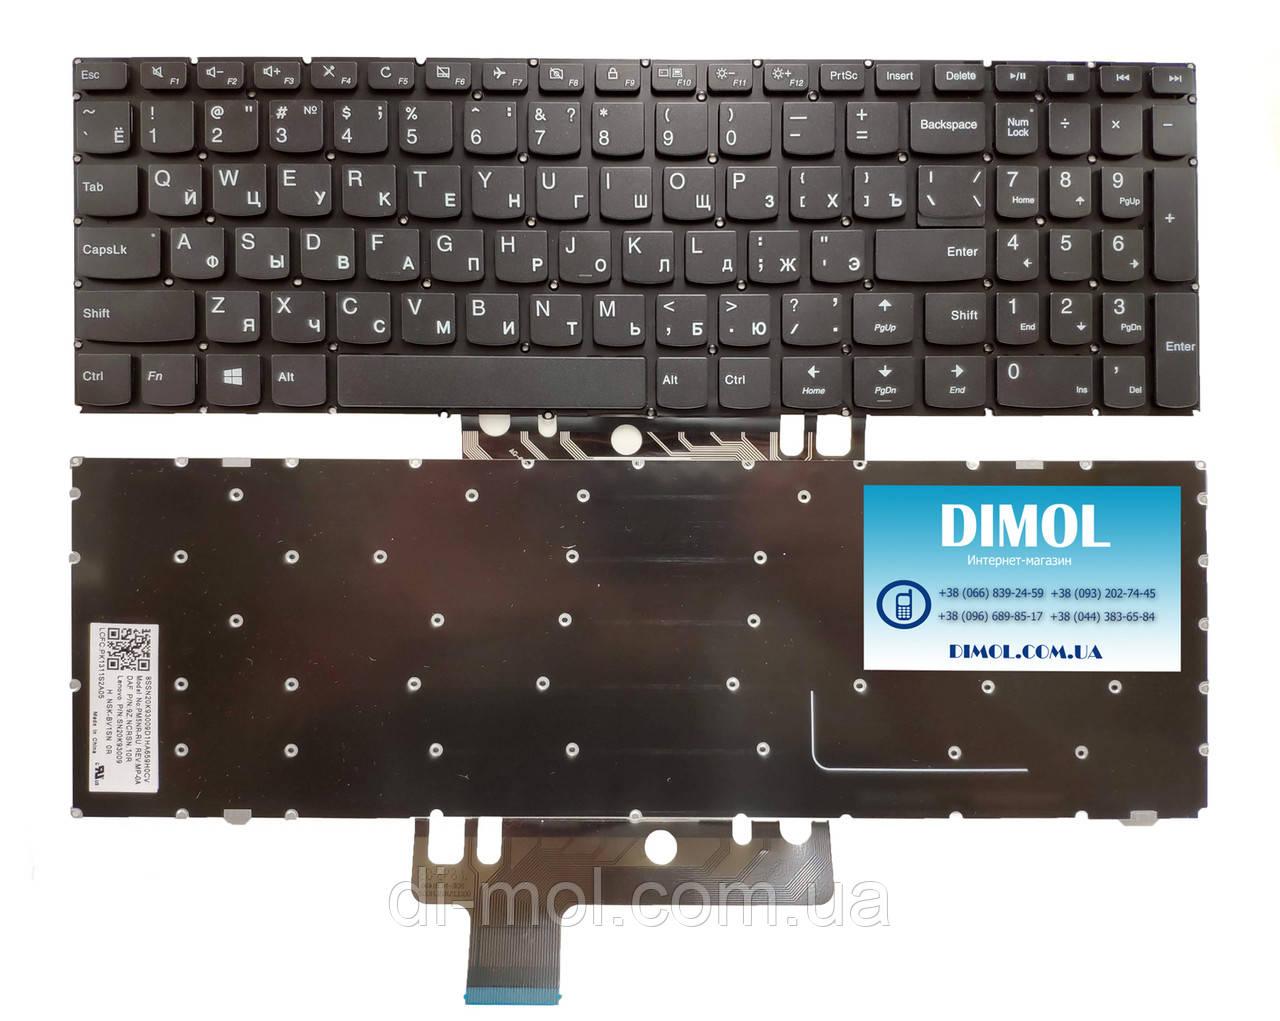 Оригинальная клавиатура для Lenovo Yoga 510-15IKB, 510-15ISK series, black, ru